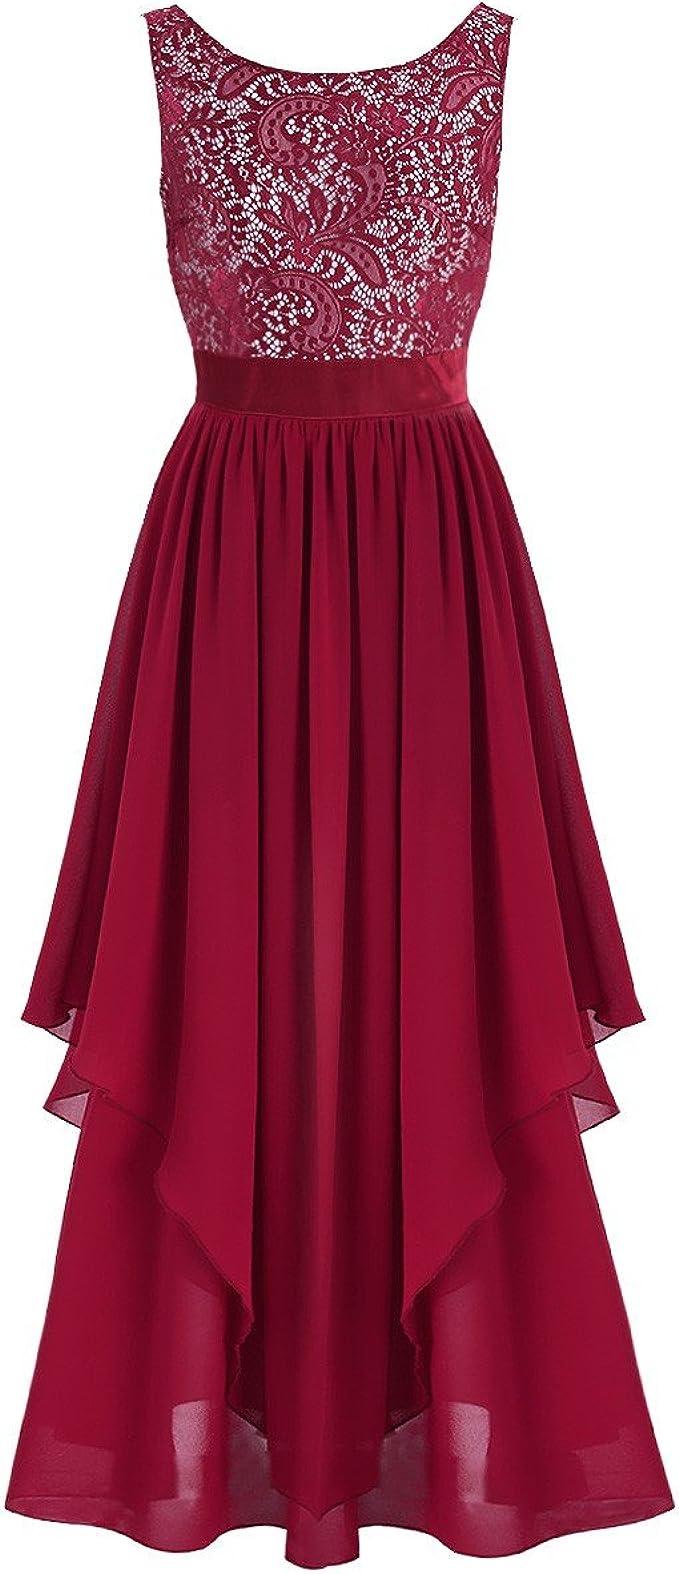 TiaoBug Elegante Damen Kleider Festliche Cocktail Hochzeit Abendkleid Lange  Kleider 16/16 16 16 16/16 16 16